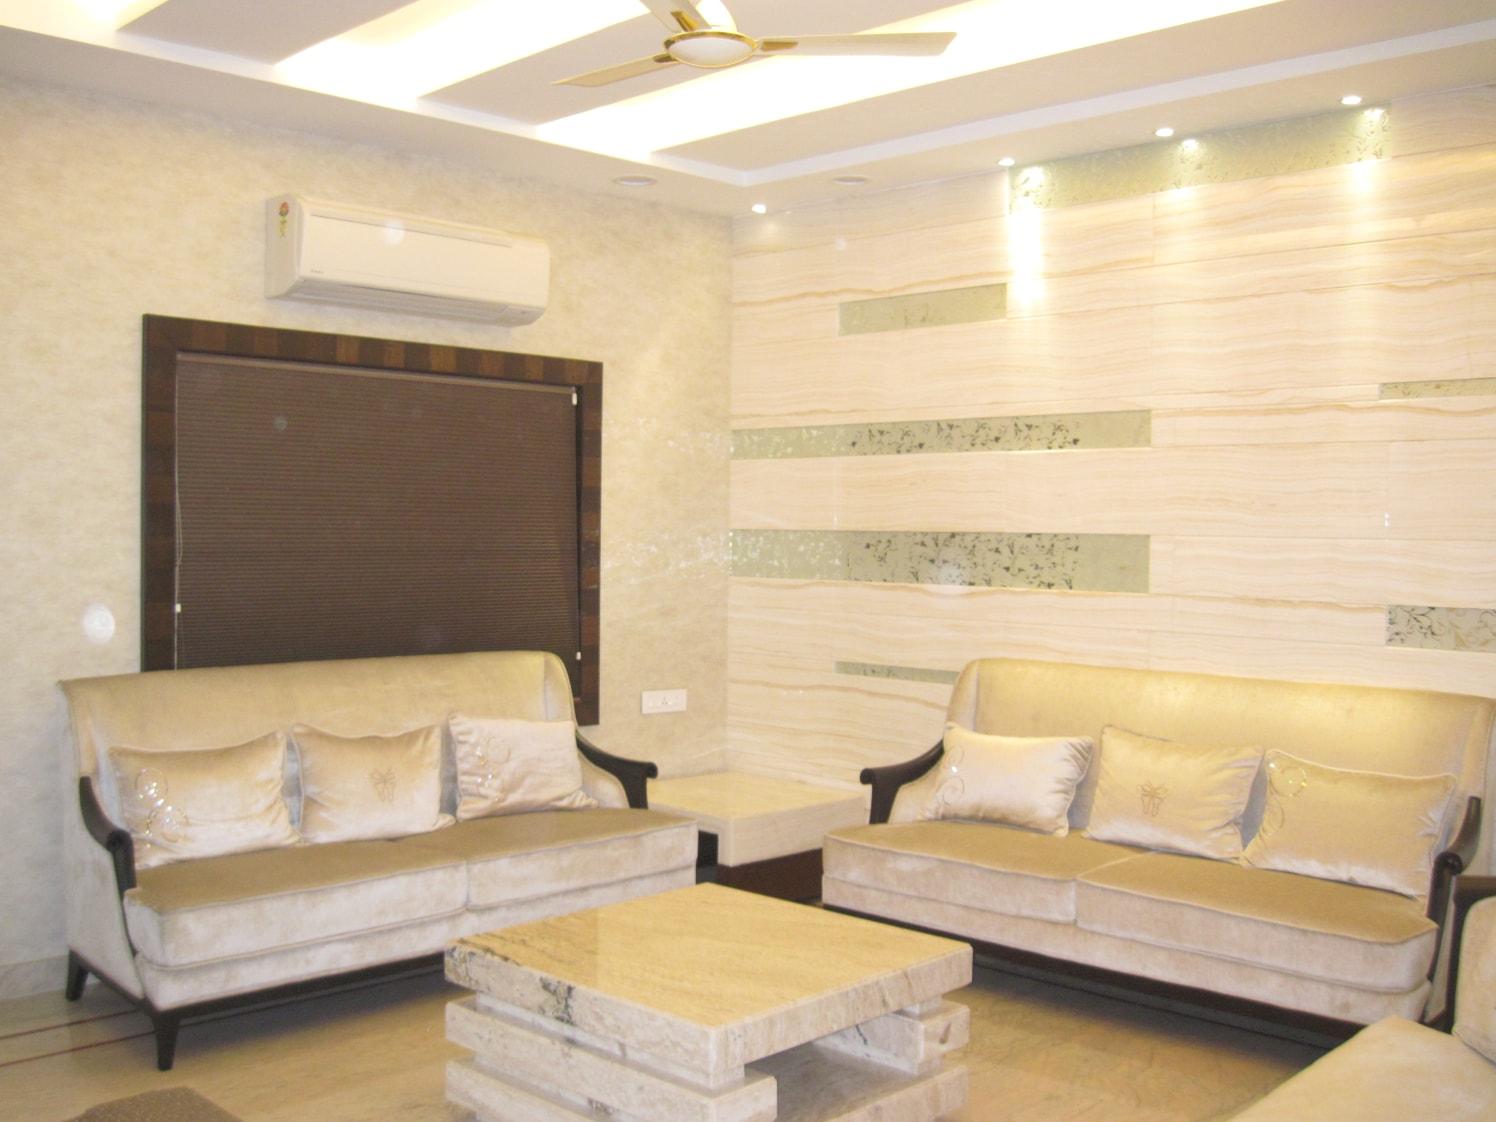 Living Room With A Camel Back Sofas by Pranav Mehta Living-room Contemporary | Interior Design Photos & Ideas